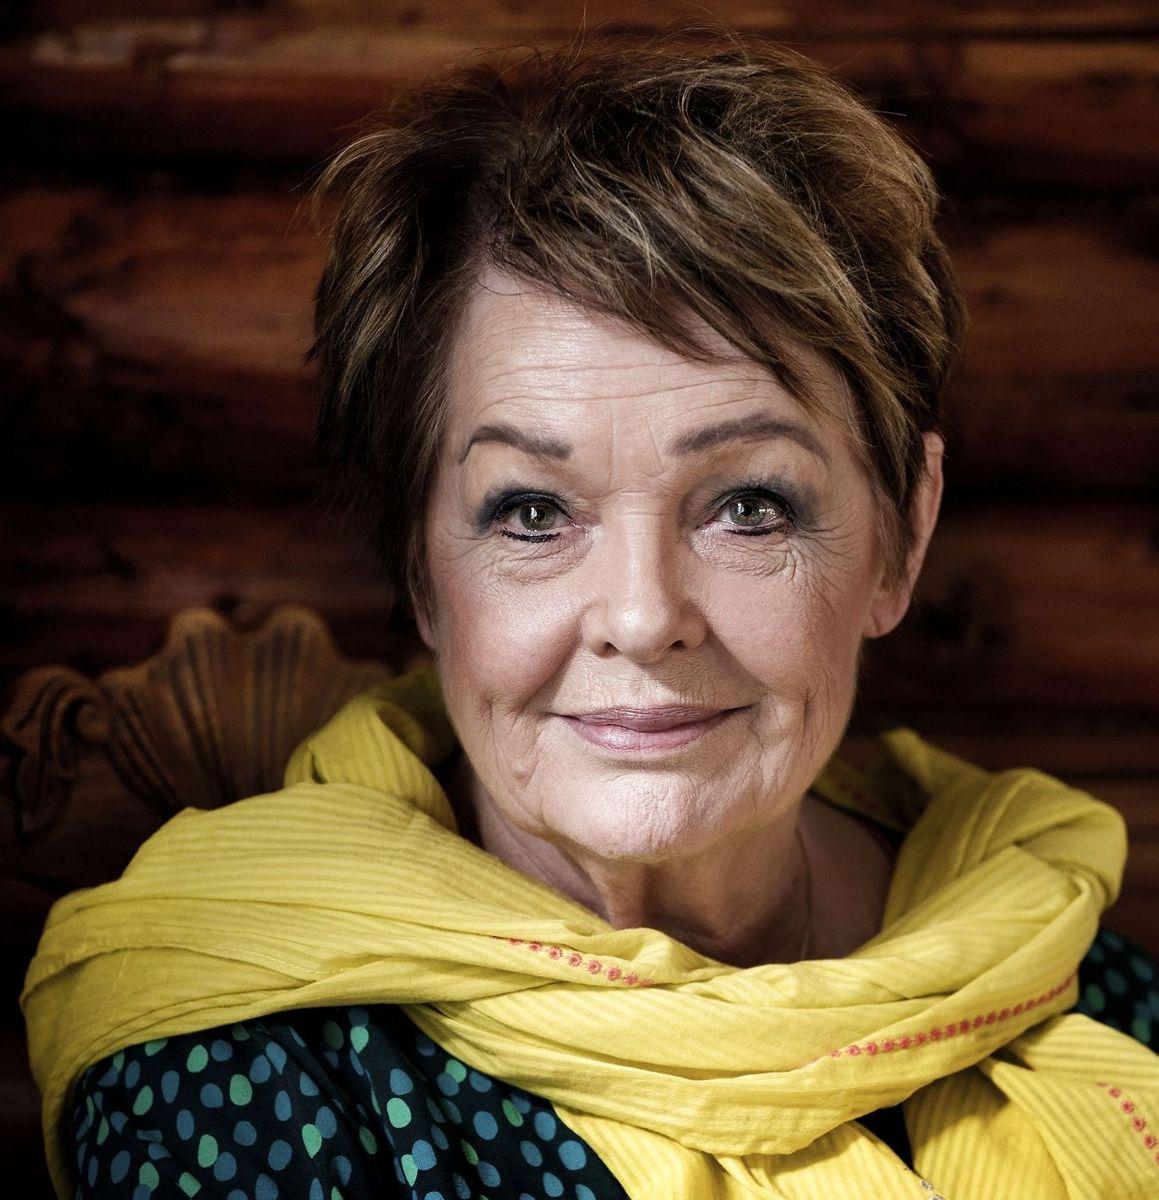 Nu taler Ghita Nørby ud i podcasten 'Fedeabes Aktuelle Forklaringer' efter omdiskuteret TV2-interview.